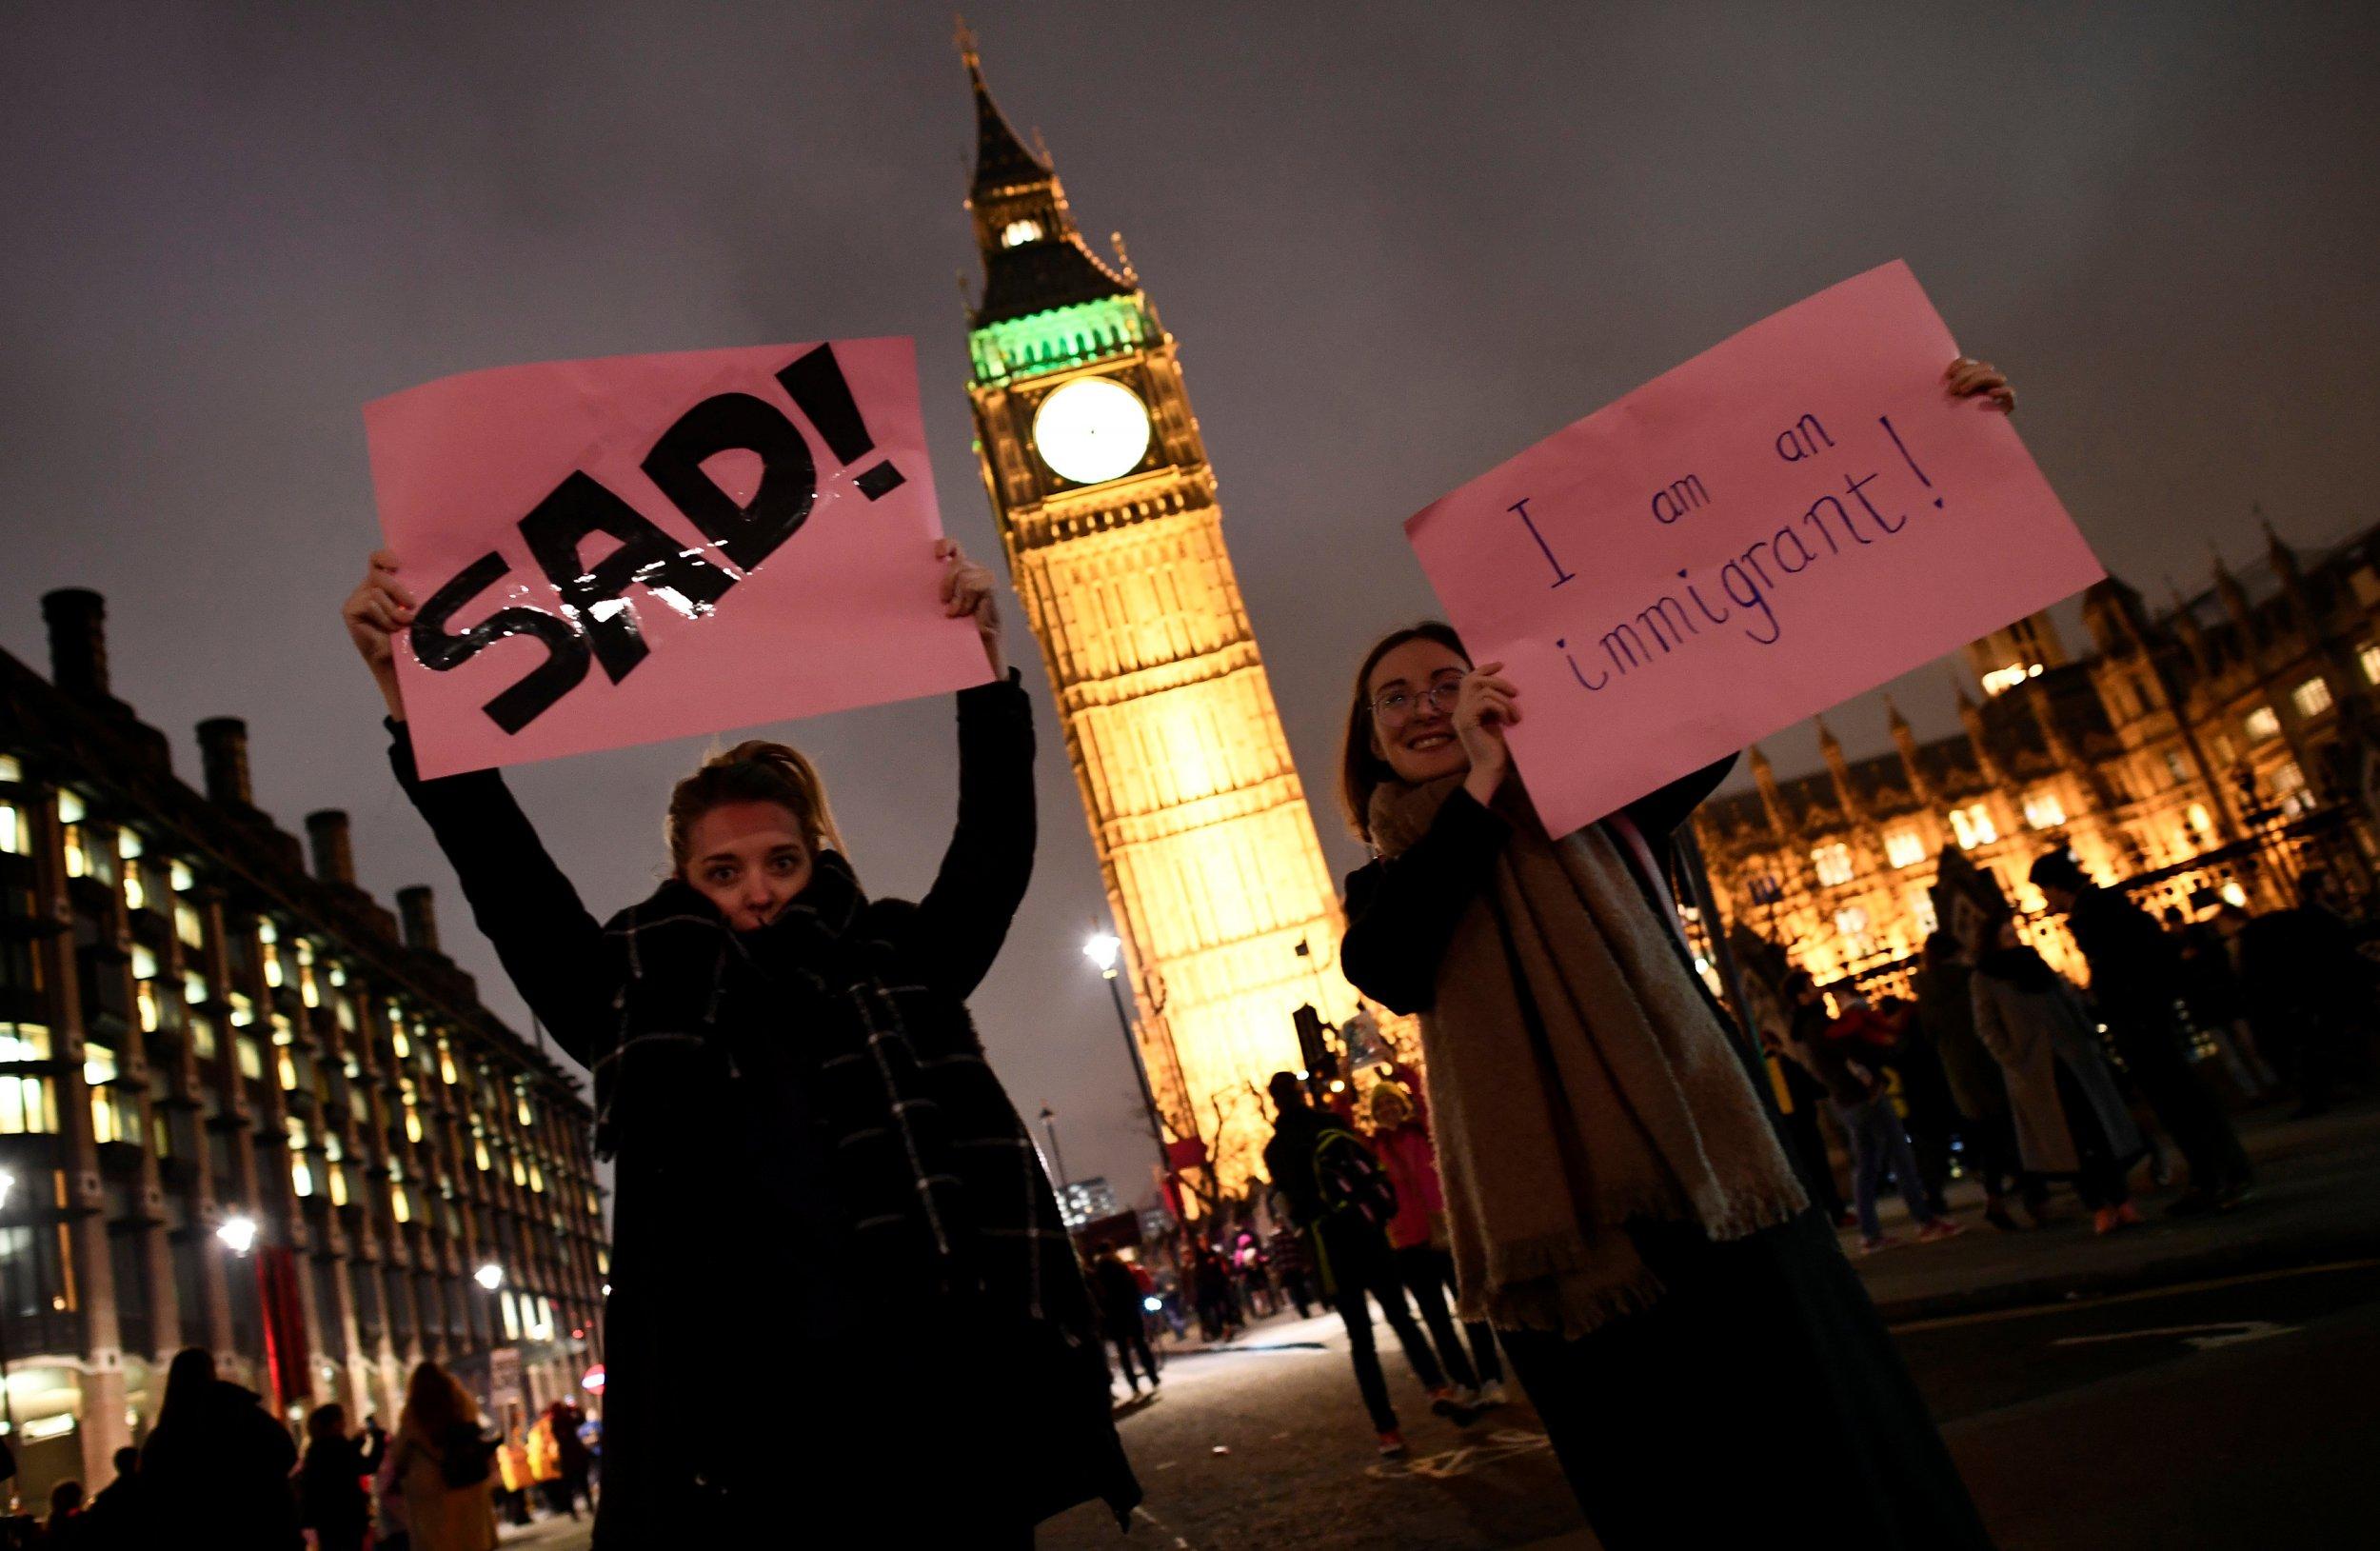 Trump protest in London